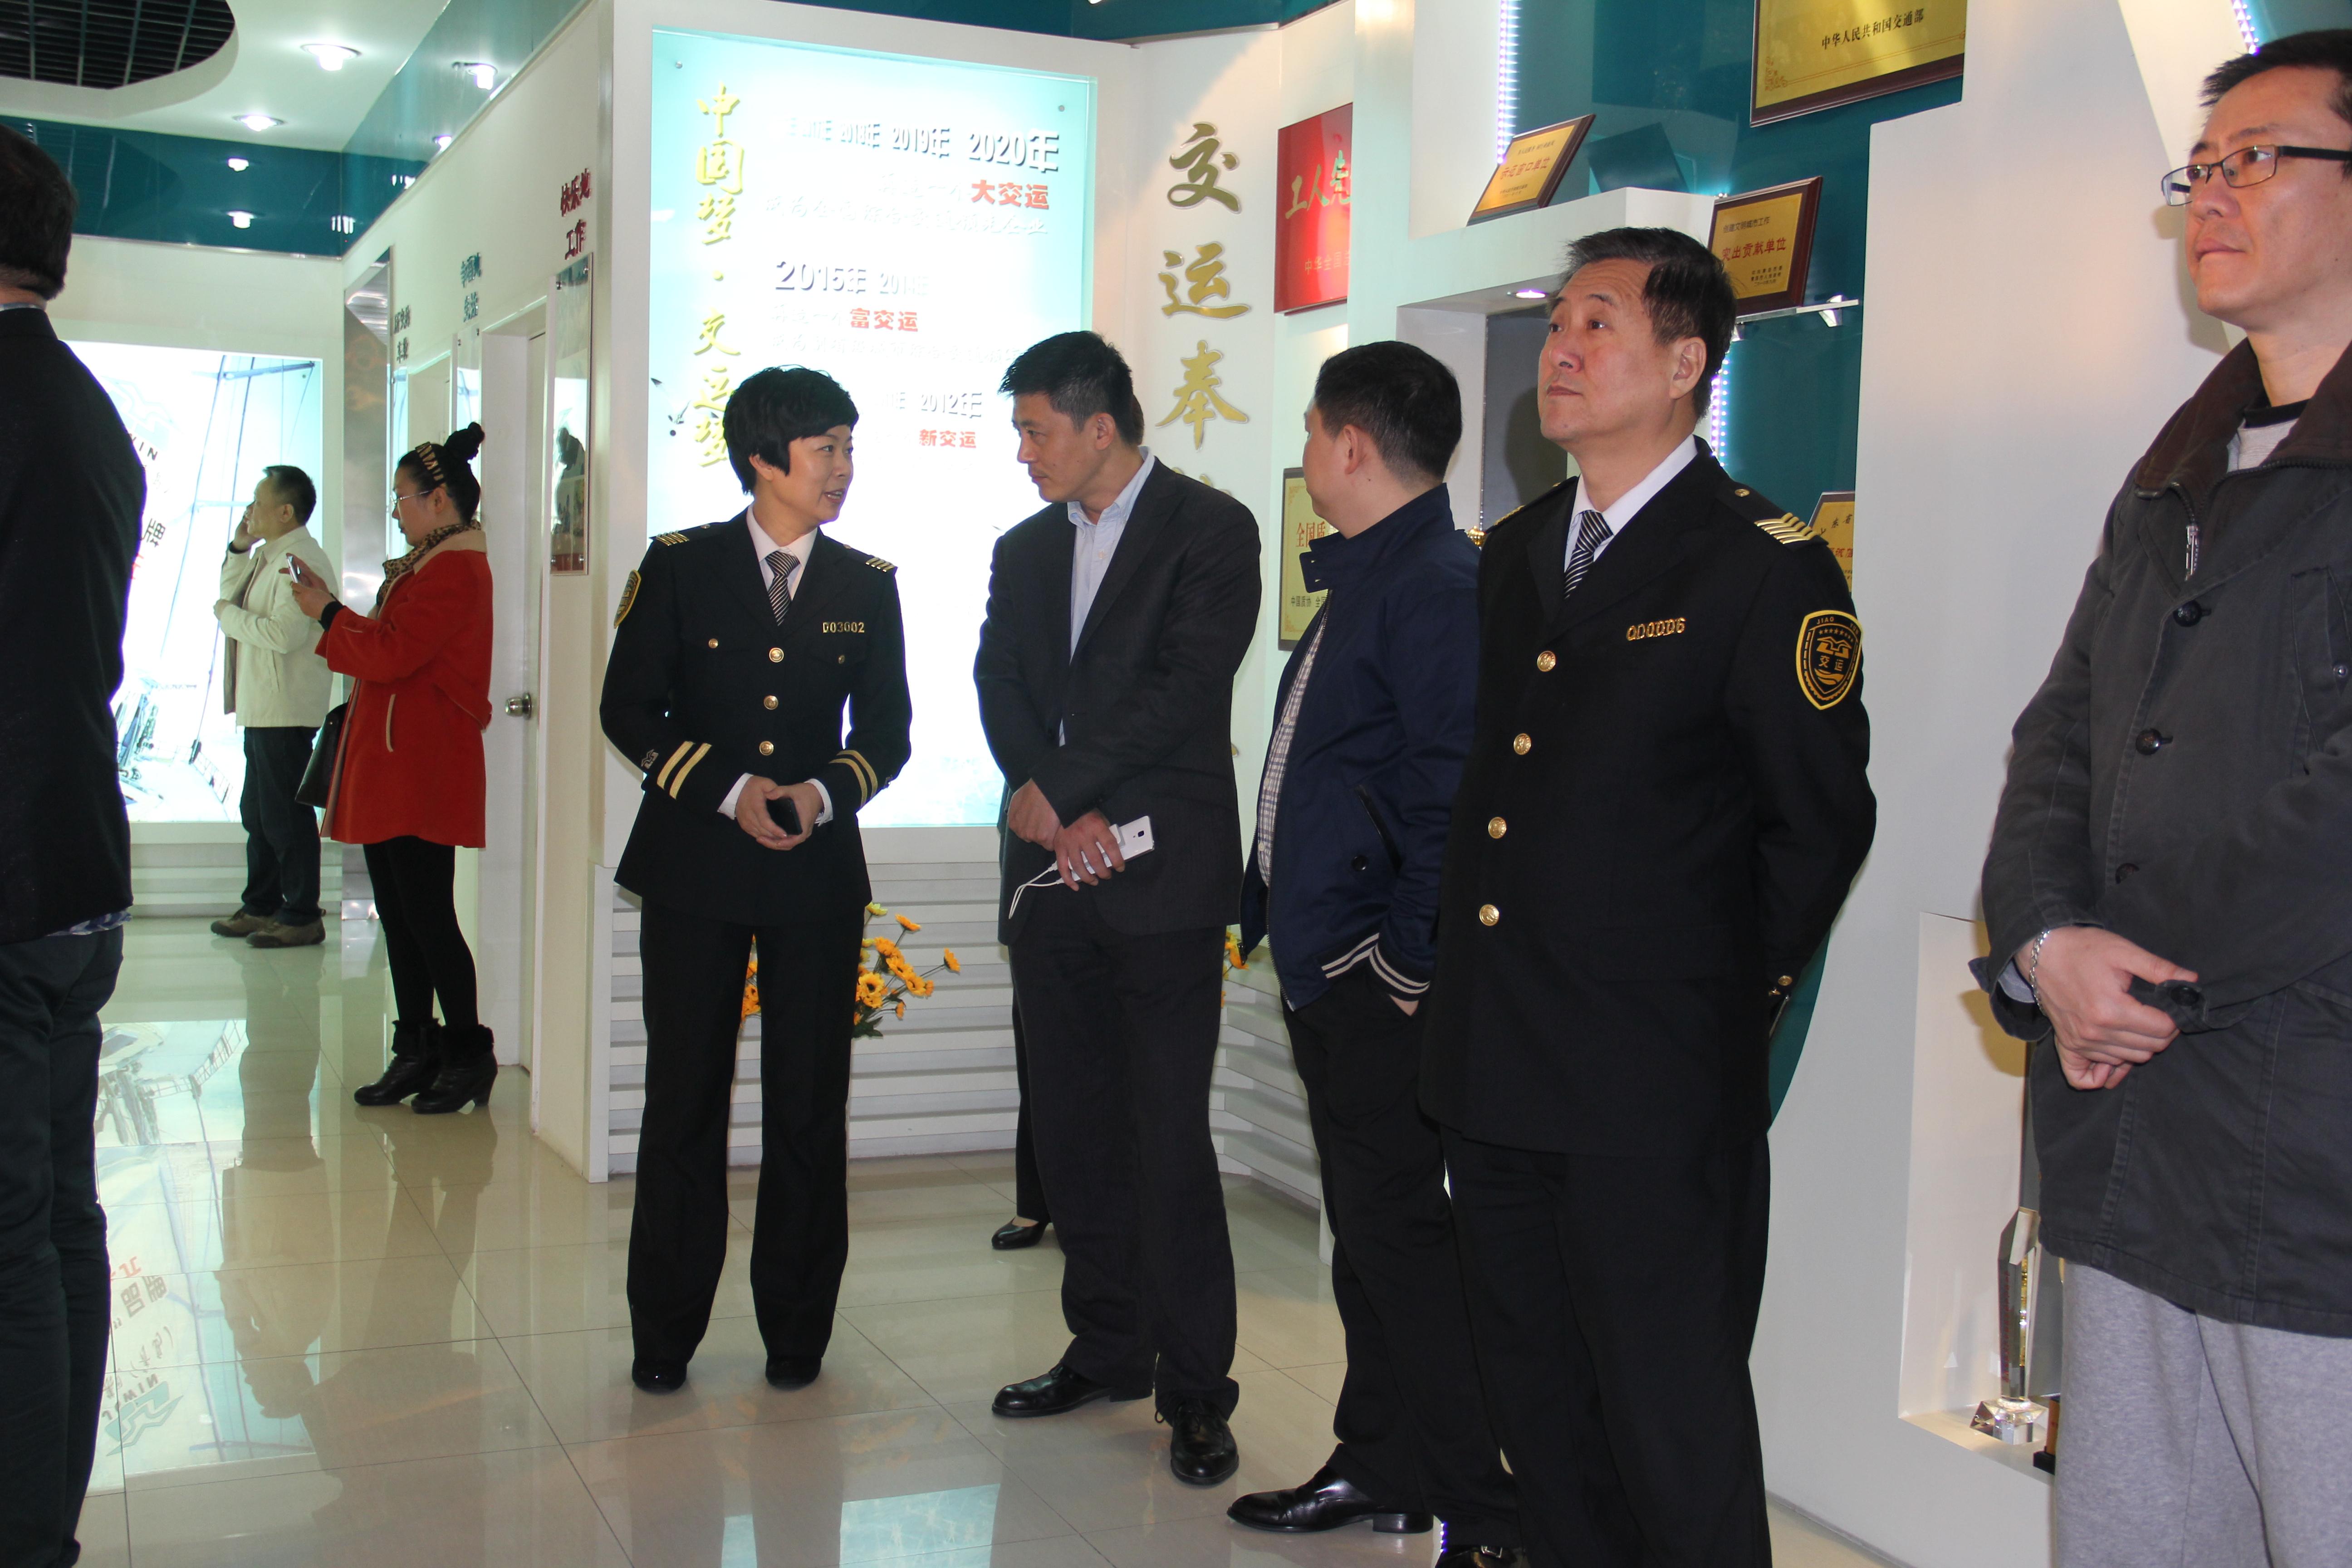 我公司总经理王柏强赴山东临沂,青岛一带知名企业参观